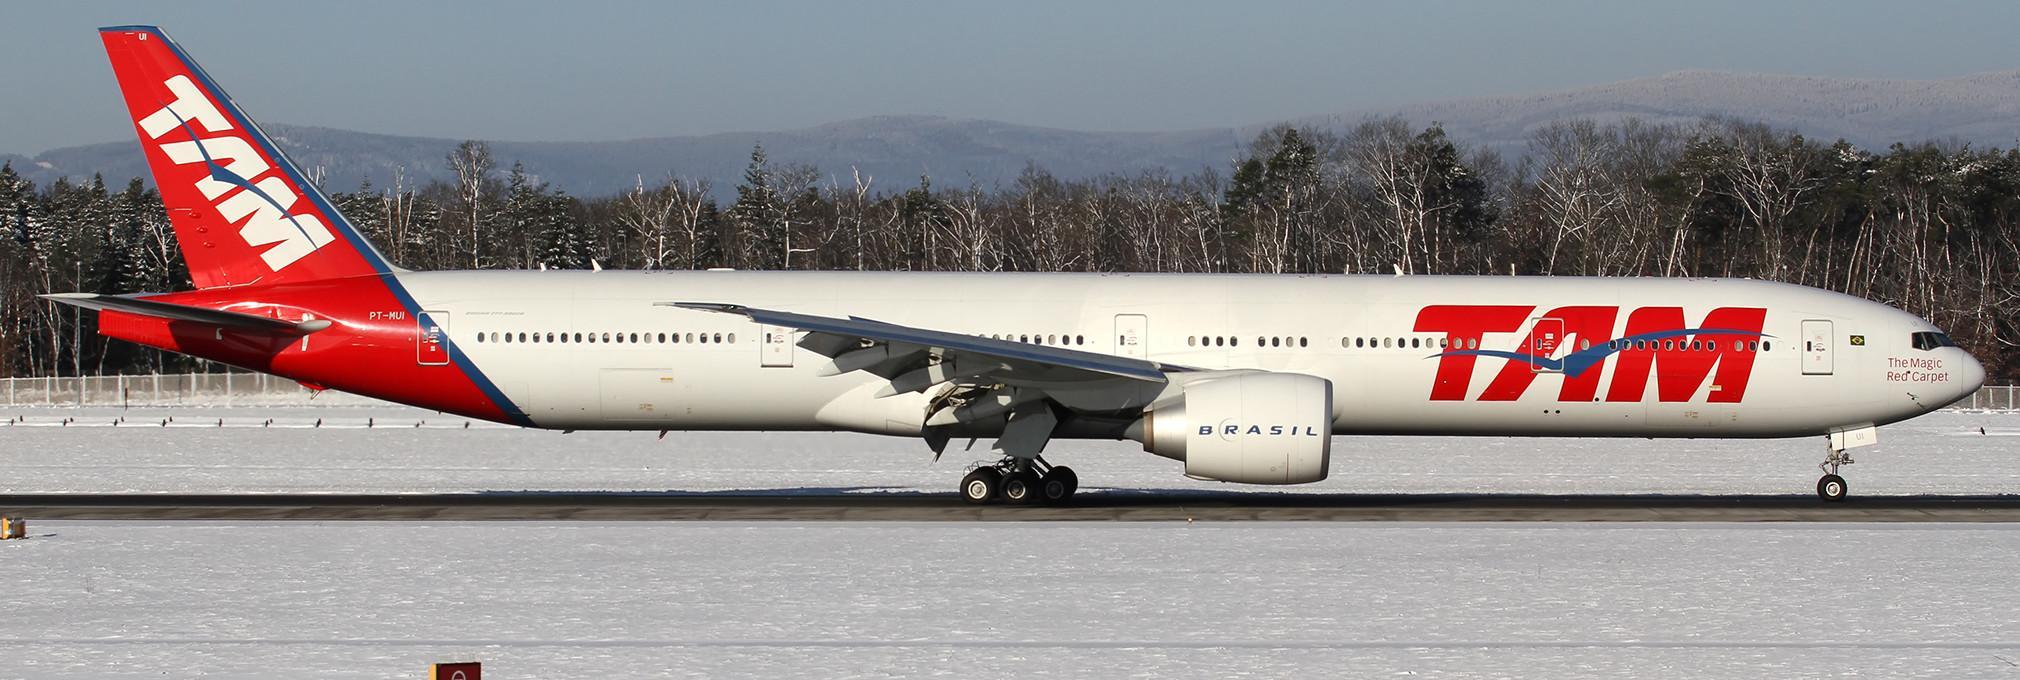 plane photo JJ